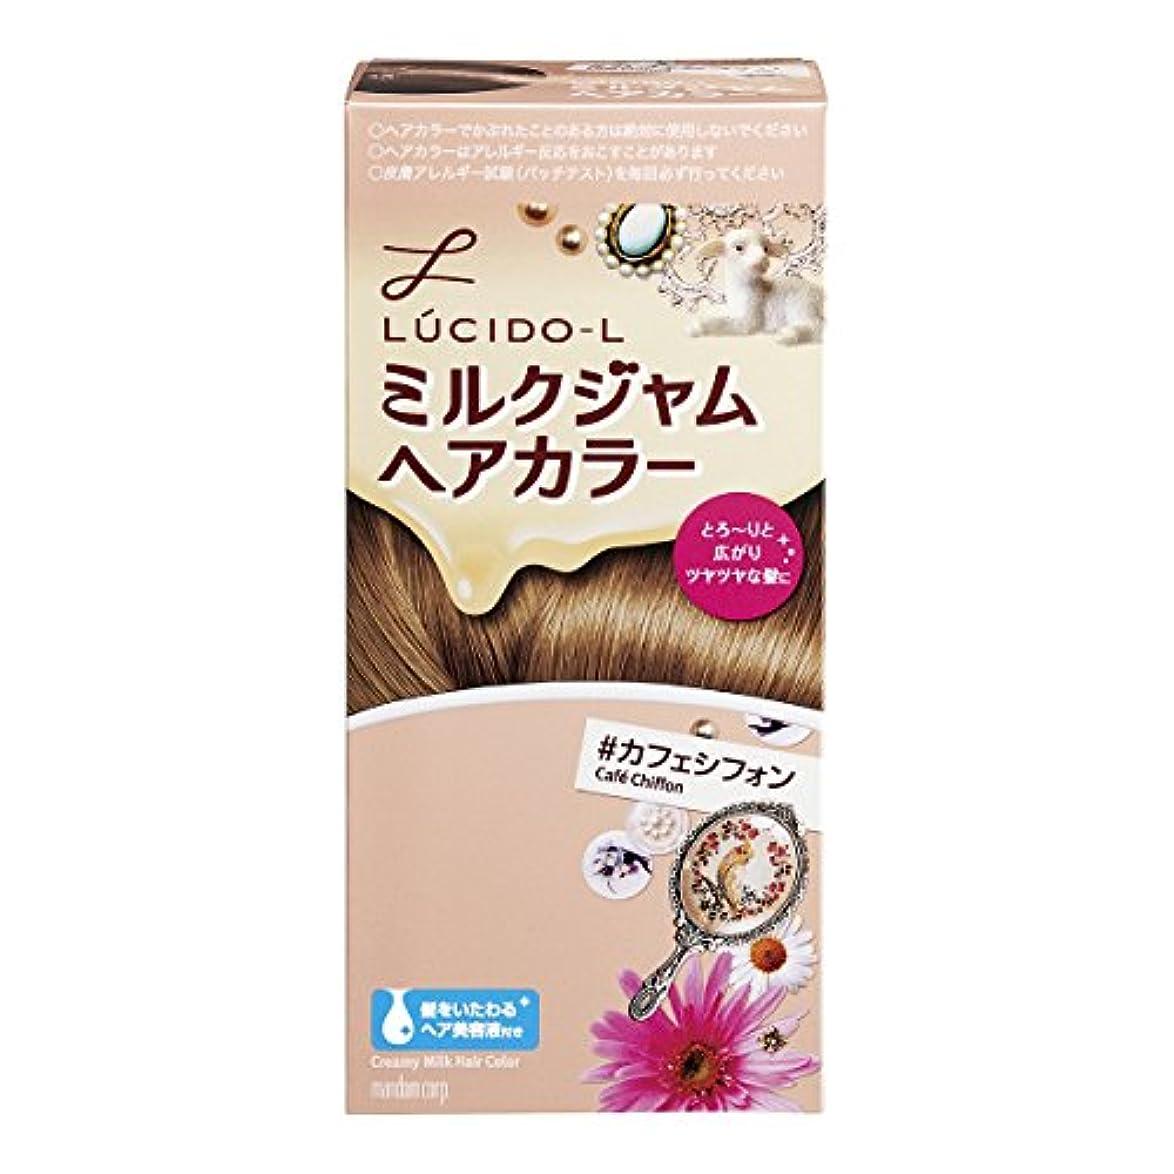 階段しないネイティブLUCIDO-L (ルシードエル) ミルクジャムヘアカラー #カフェシフォン(医薬部外品) (1剤40g 2剤80mL TR5g)